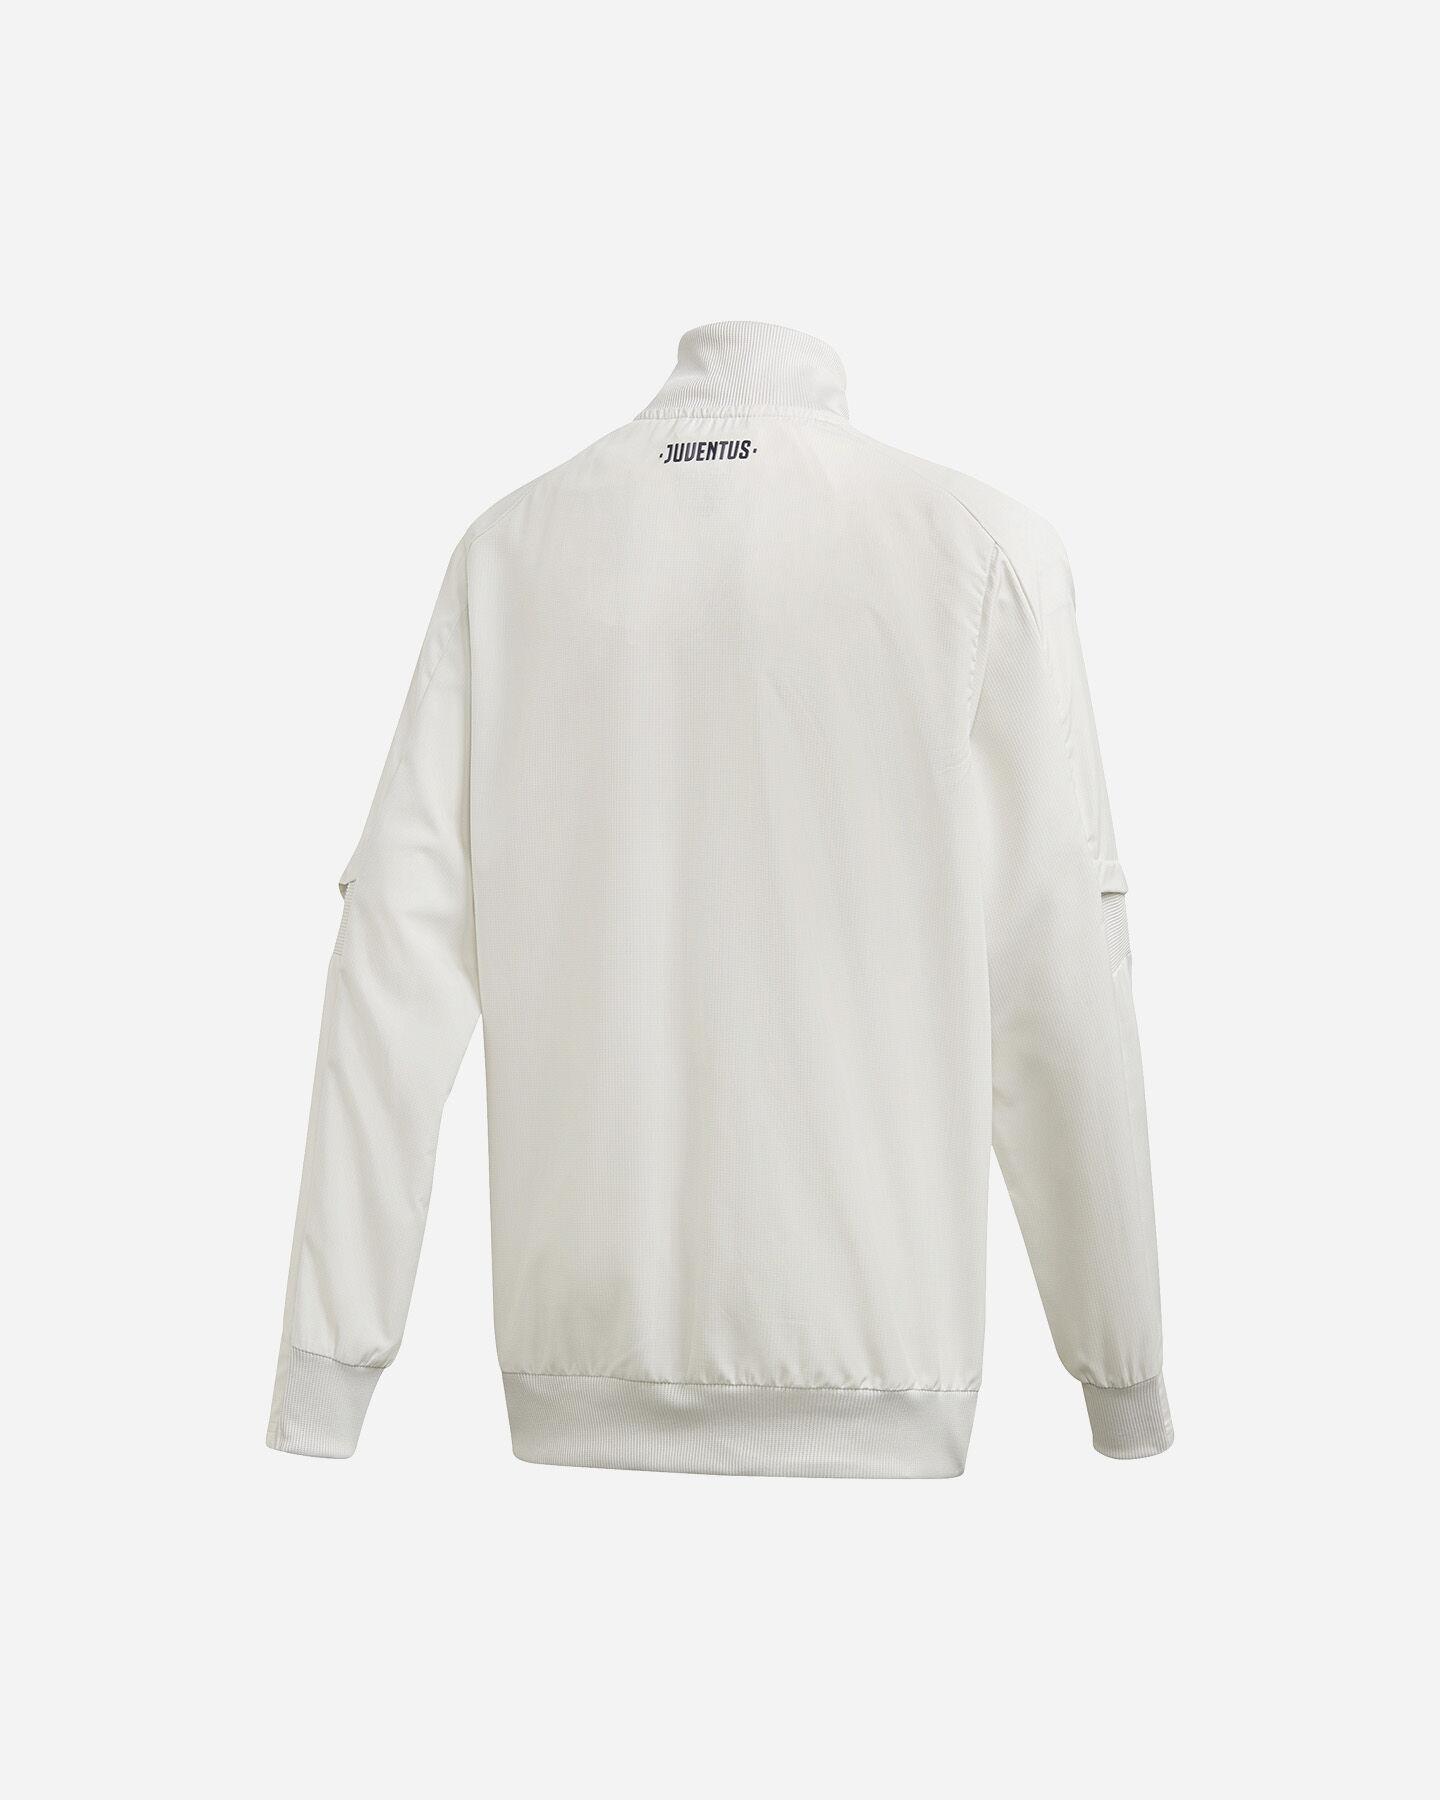 Abbigliamento calcio ADIDAS JUVENTUS PRESENTATION 20/21 JR S5217515 scatto 1